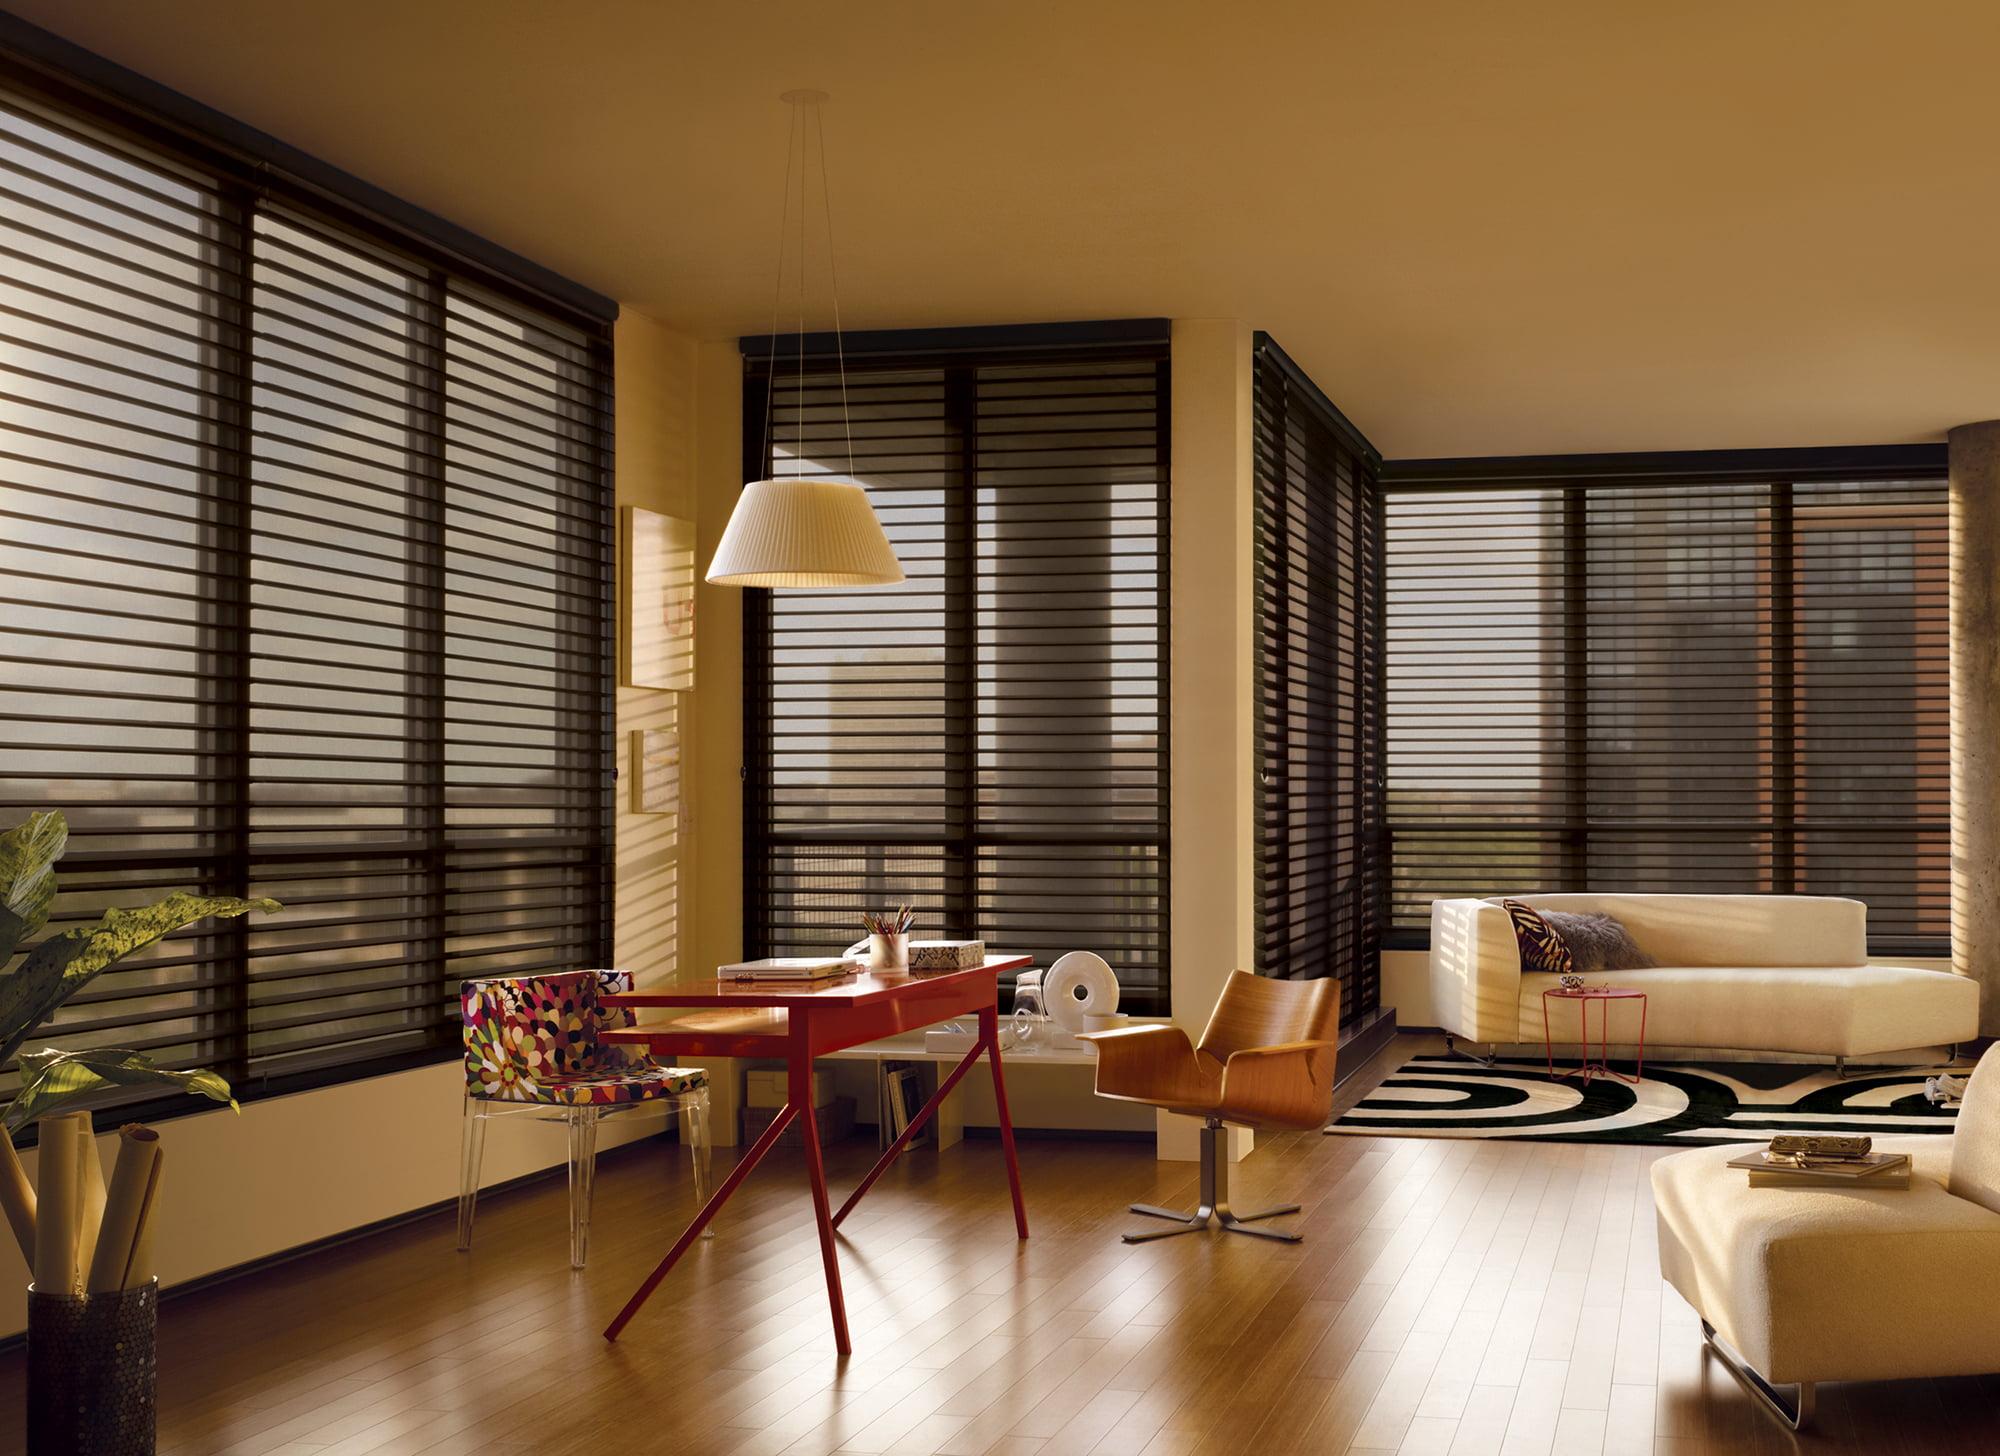 Teds Flooring Interior Design6